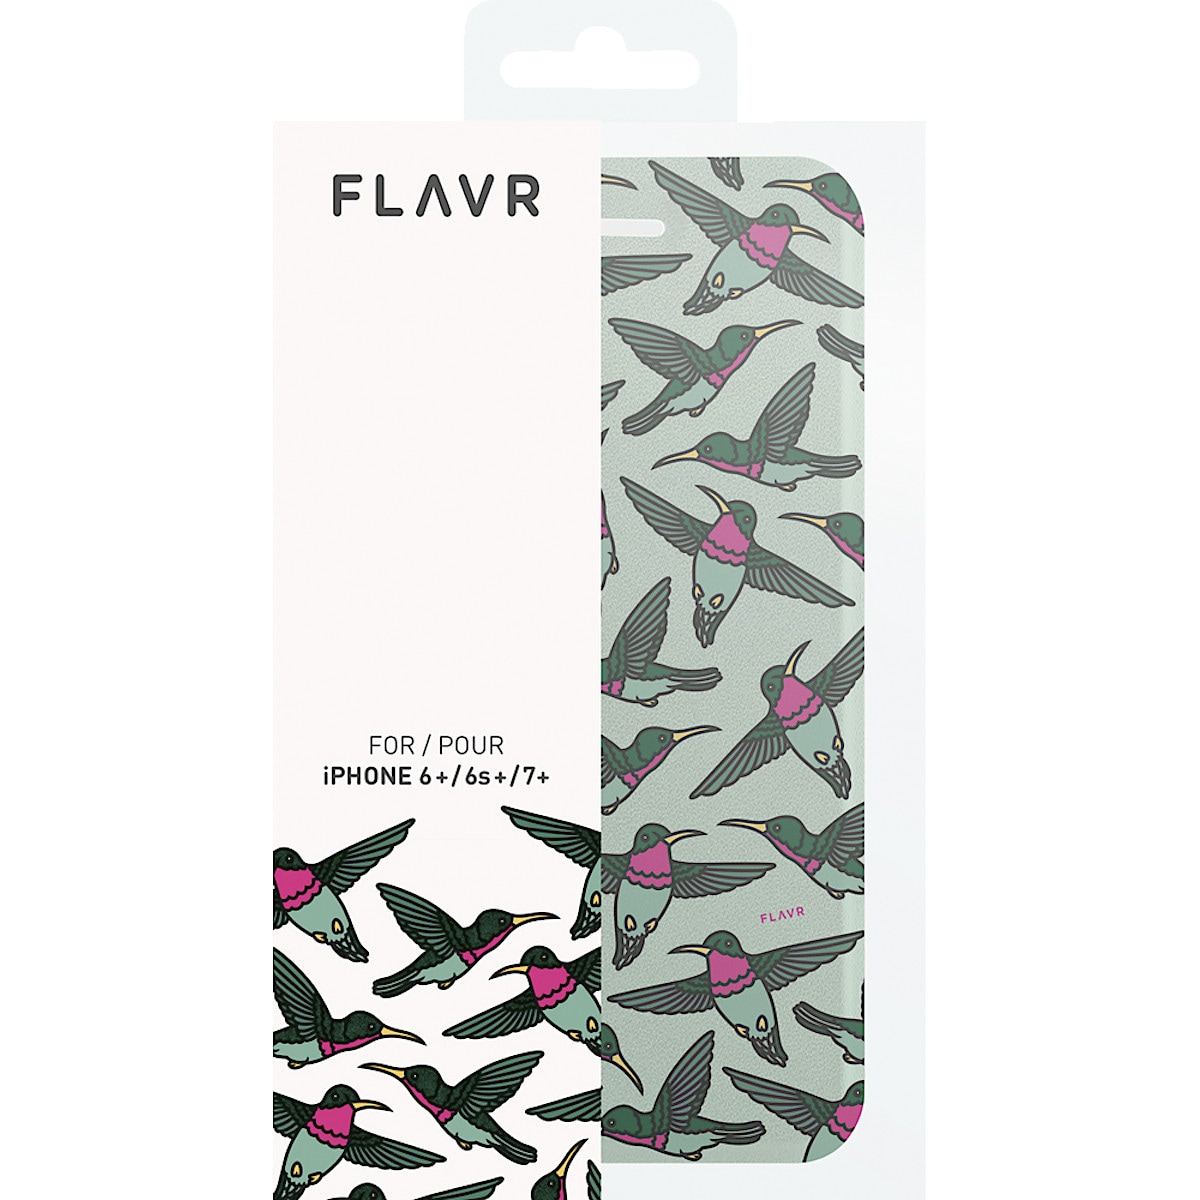 Plånboksfodral för iPhone 6 Plus/6S Plus/7 Plus, FLAVR